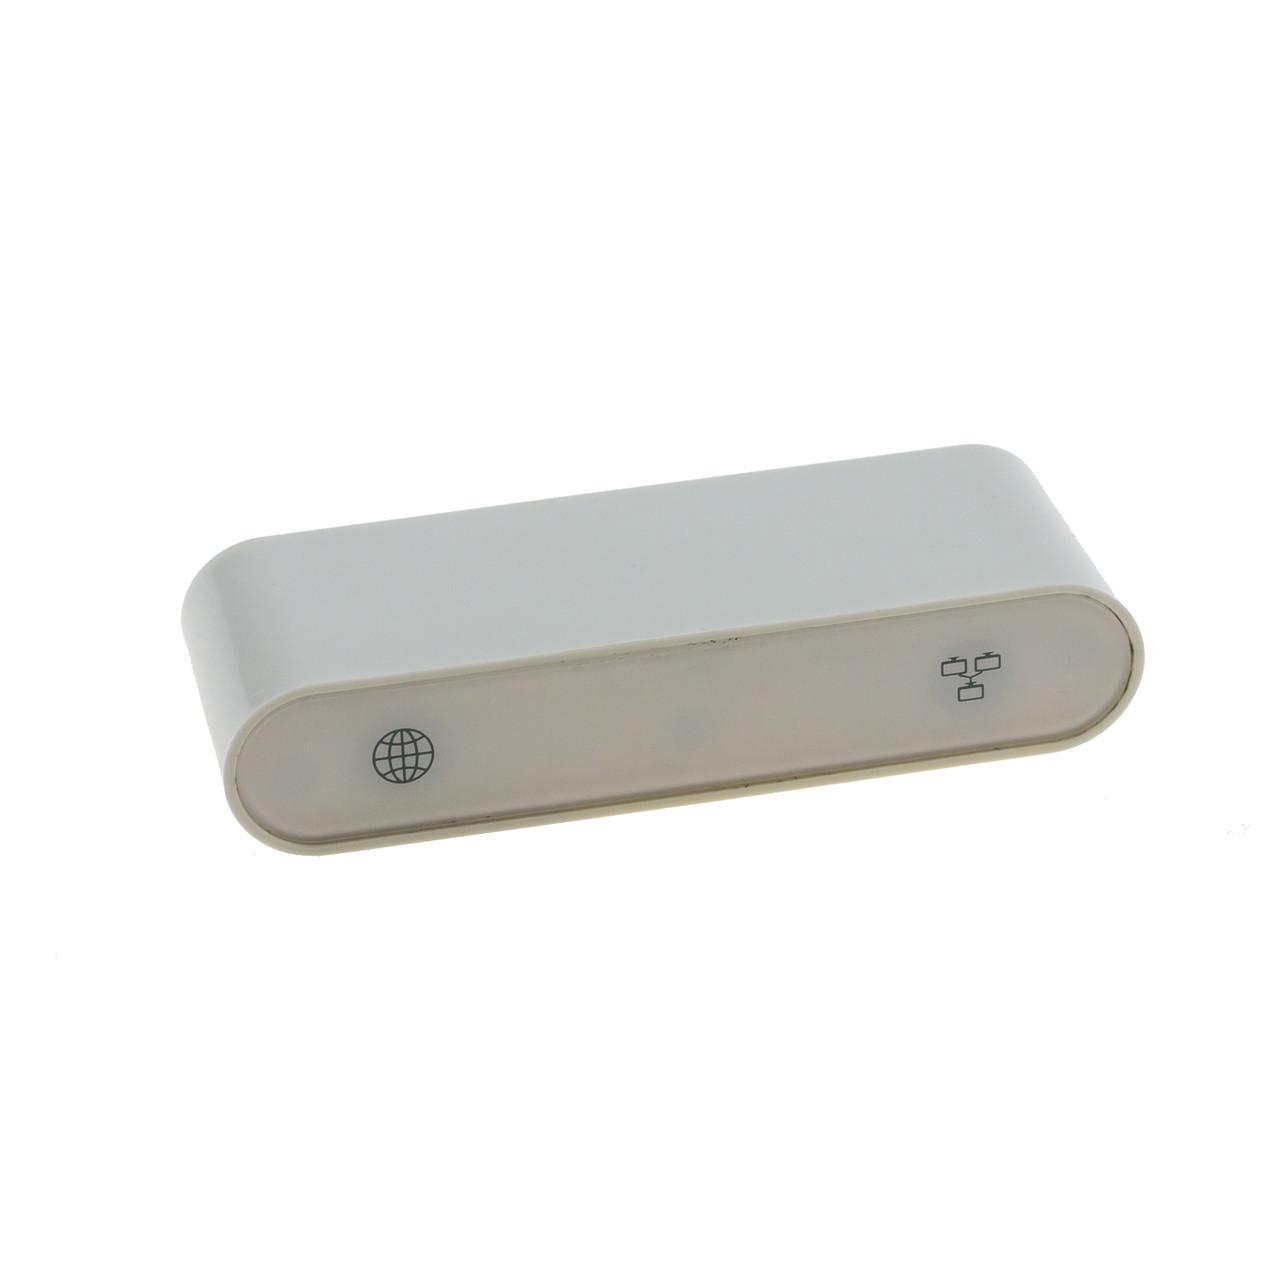 Шлюз для управления замком SEVEN Lock со смартфона CR-7715